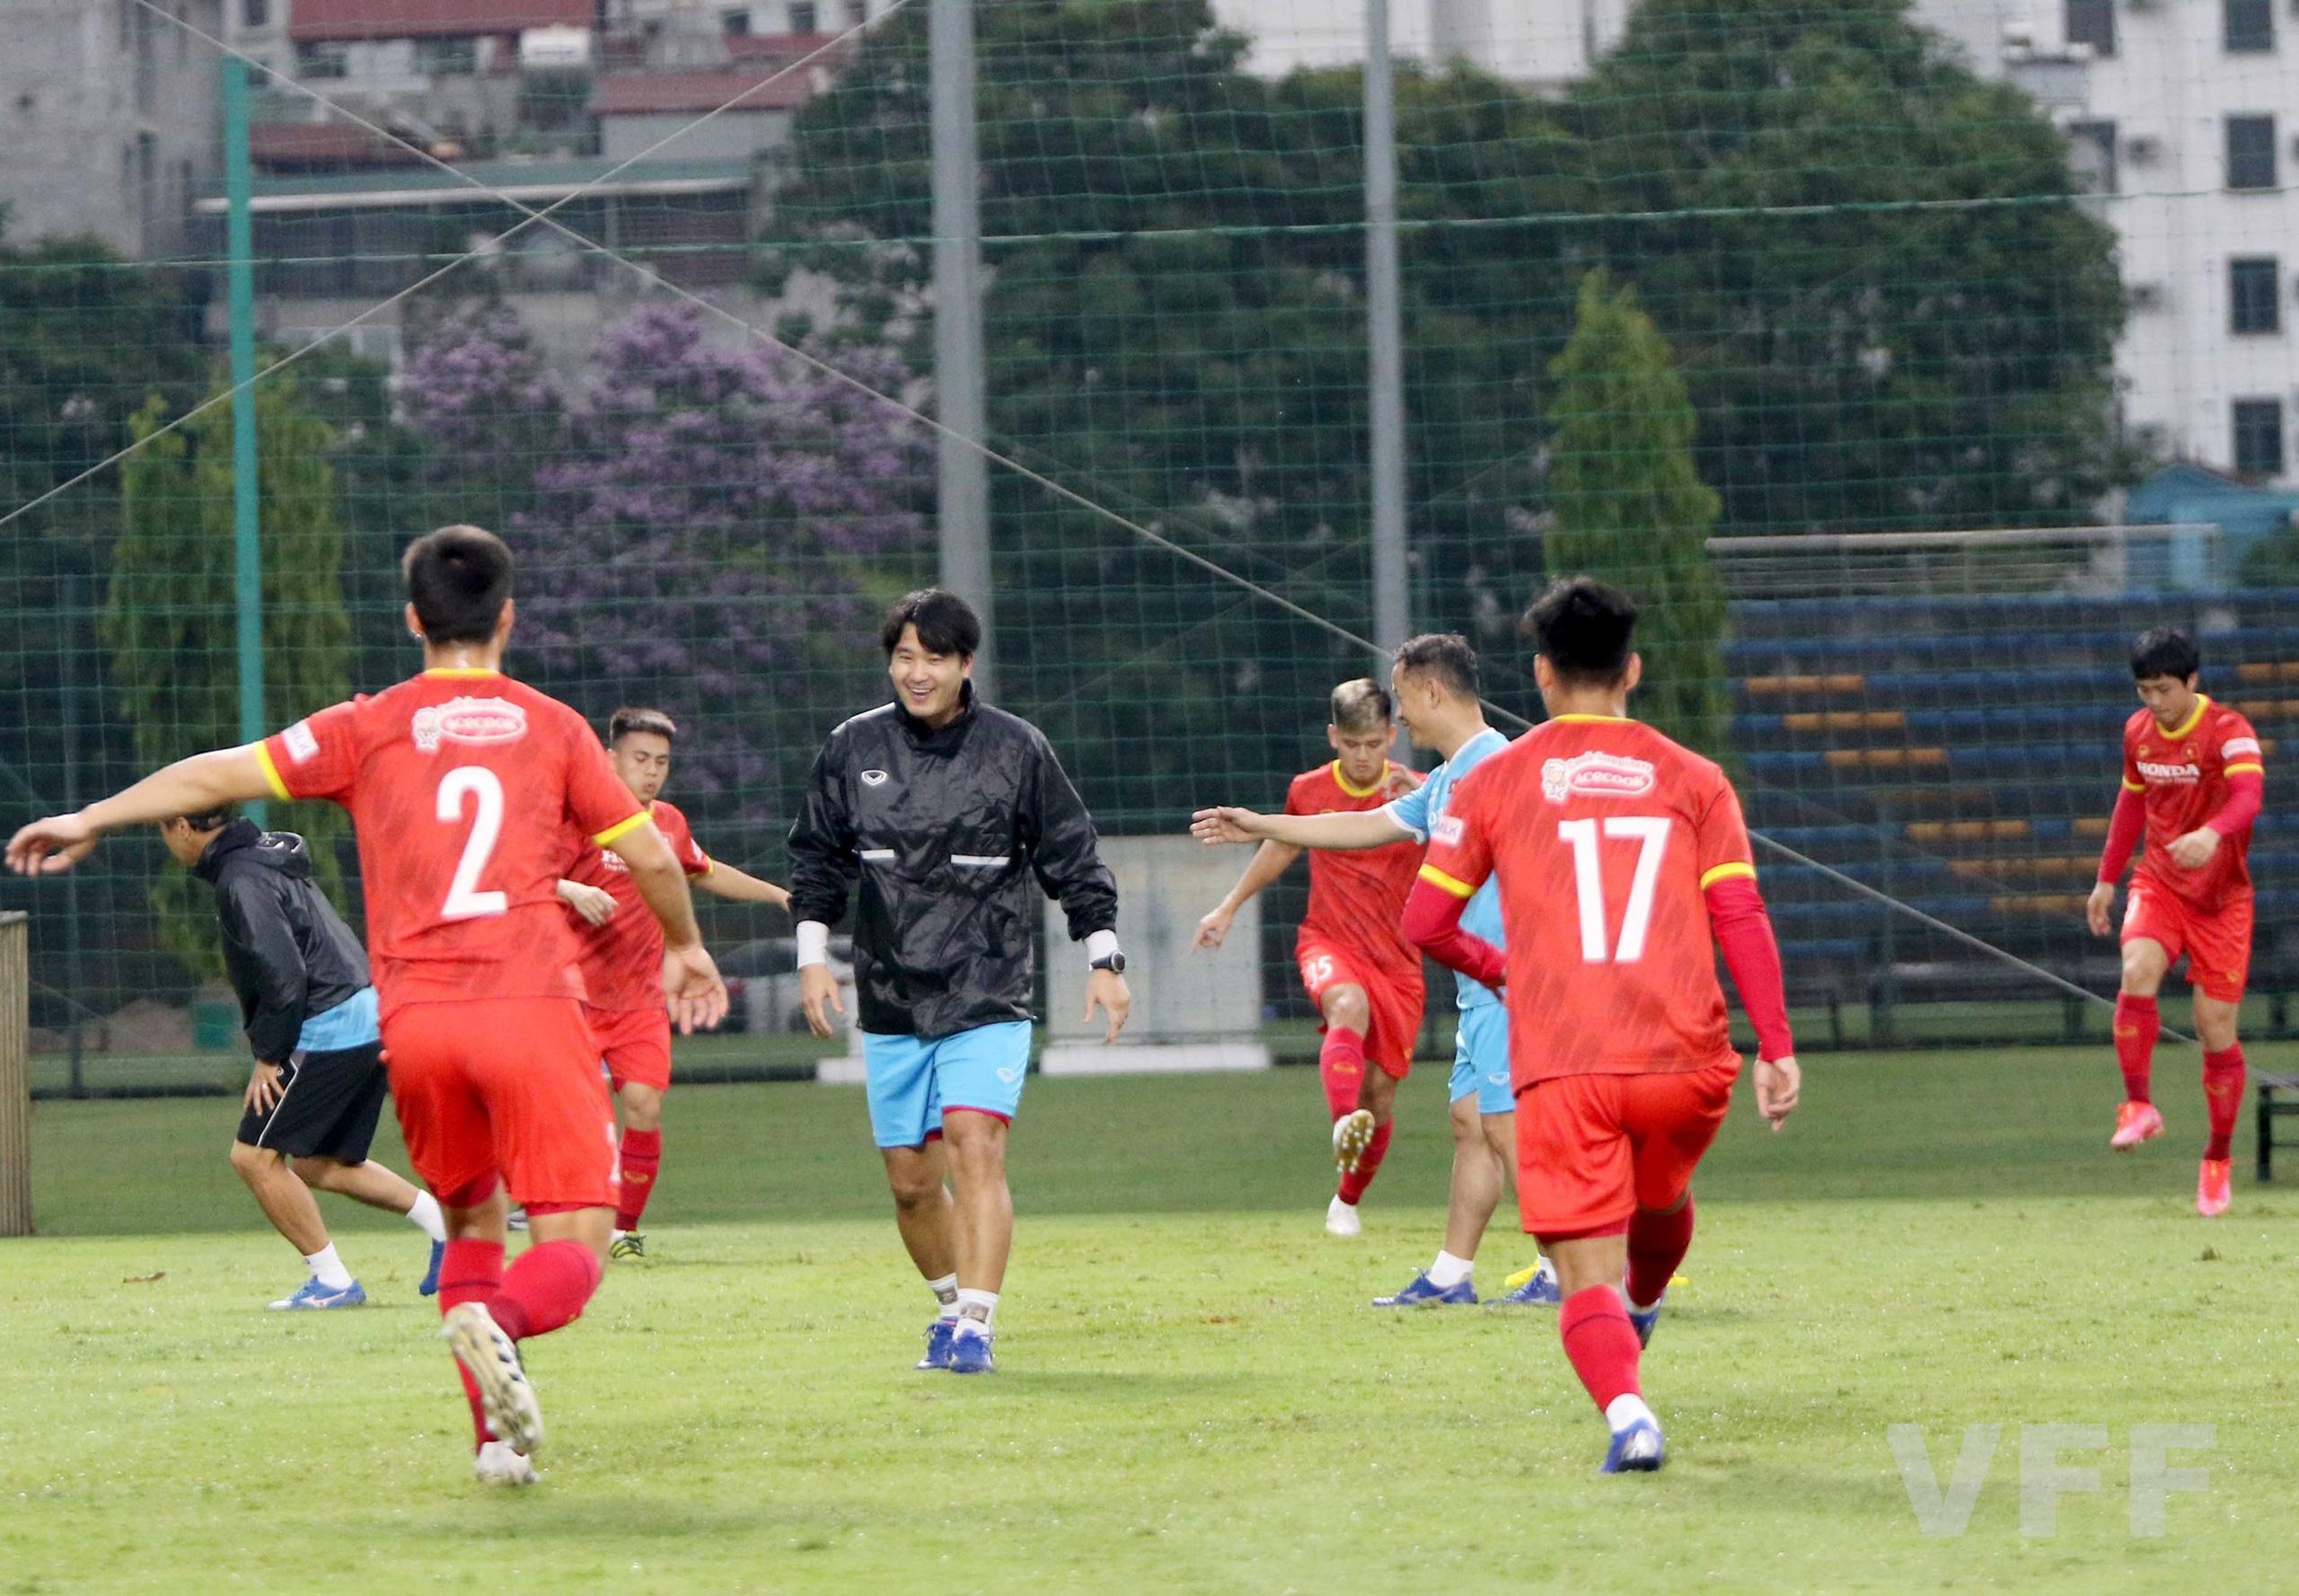 """HLV Park Hang-seo """"làm xiếc"""" với bóng khiến học trò ngỡ ngàng! - Ảnh 4."""